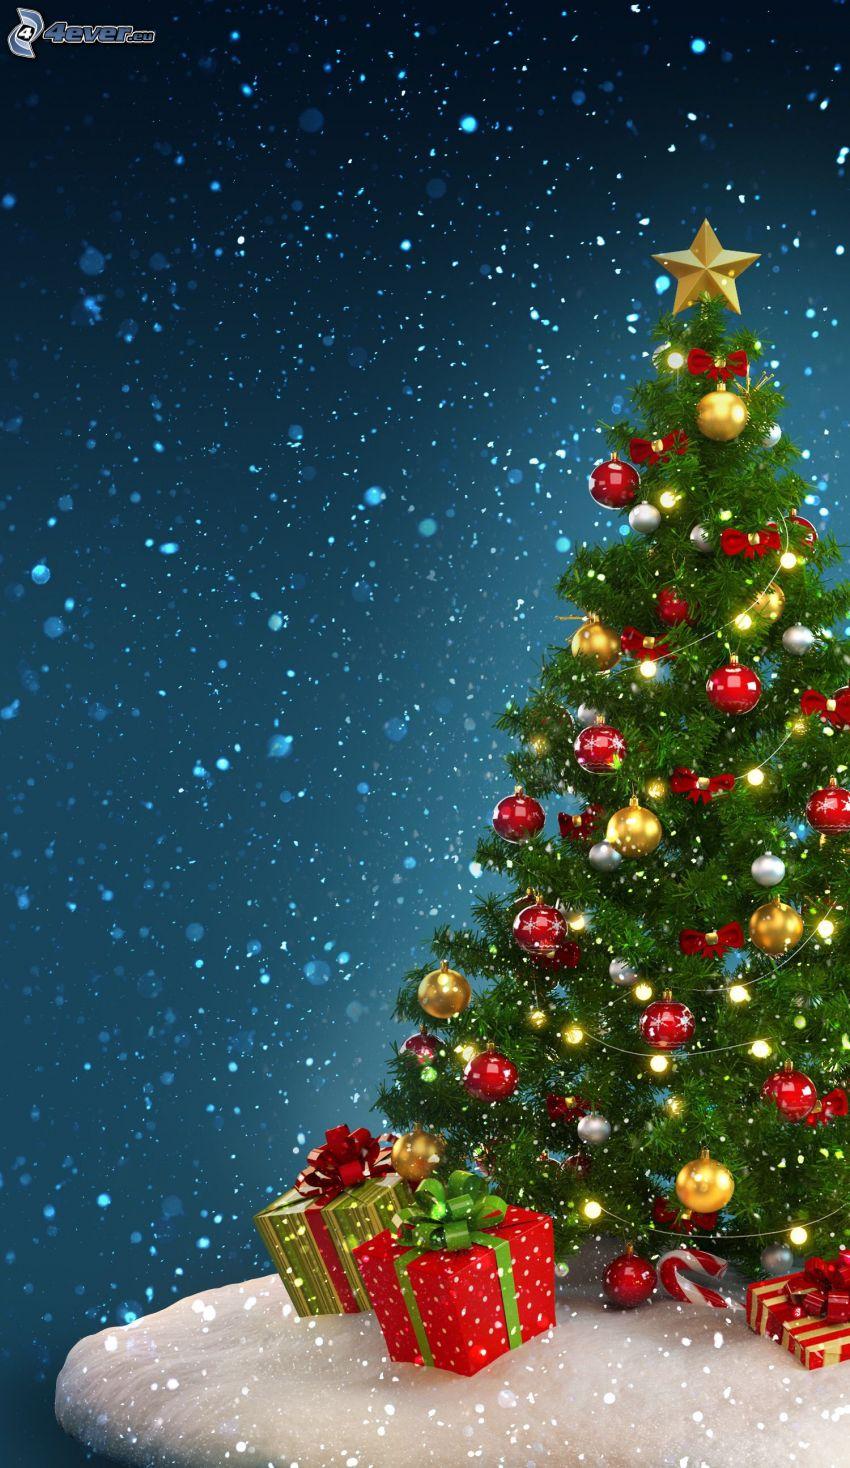 árbol de Navidad, bolas de navidad, regalos, la nevada, dibujos animados